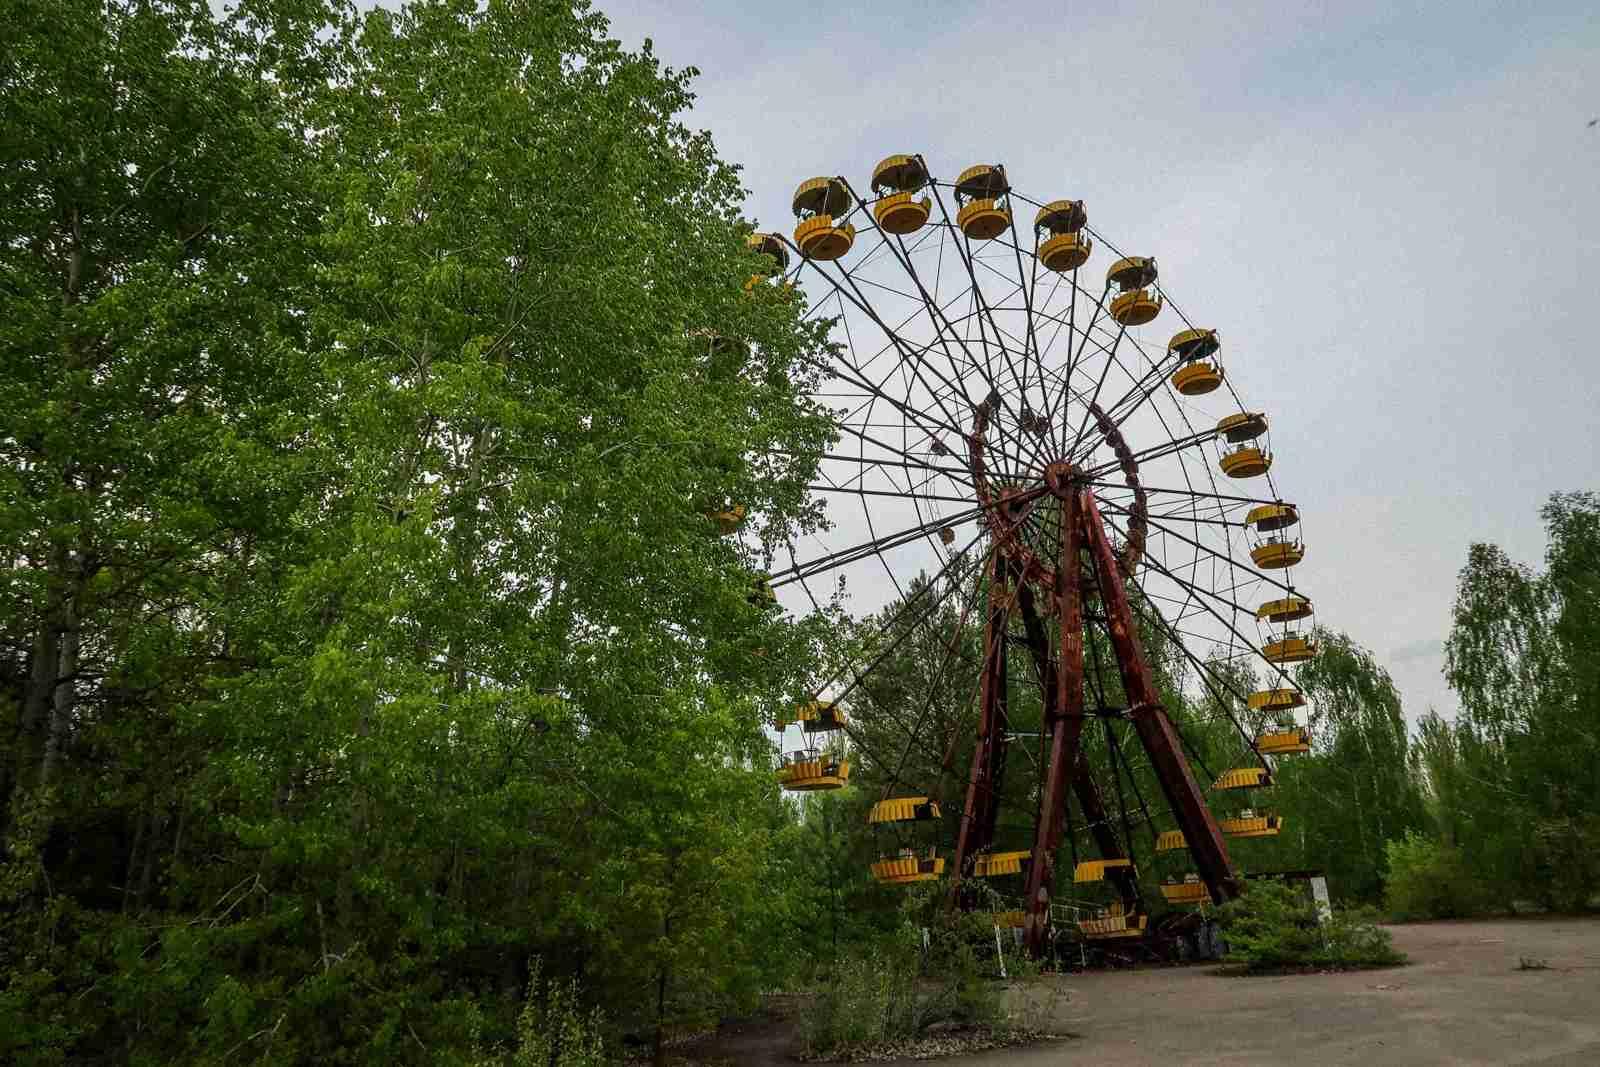 Chernobyl, Ukraine. (Photo by Ben Smithson)